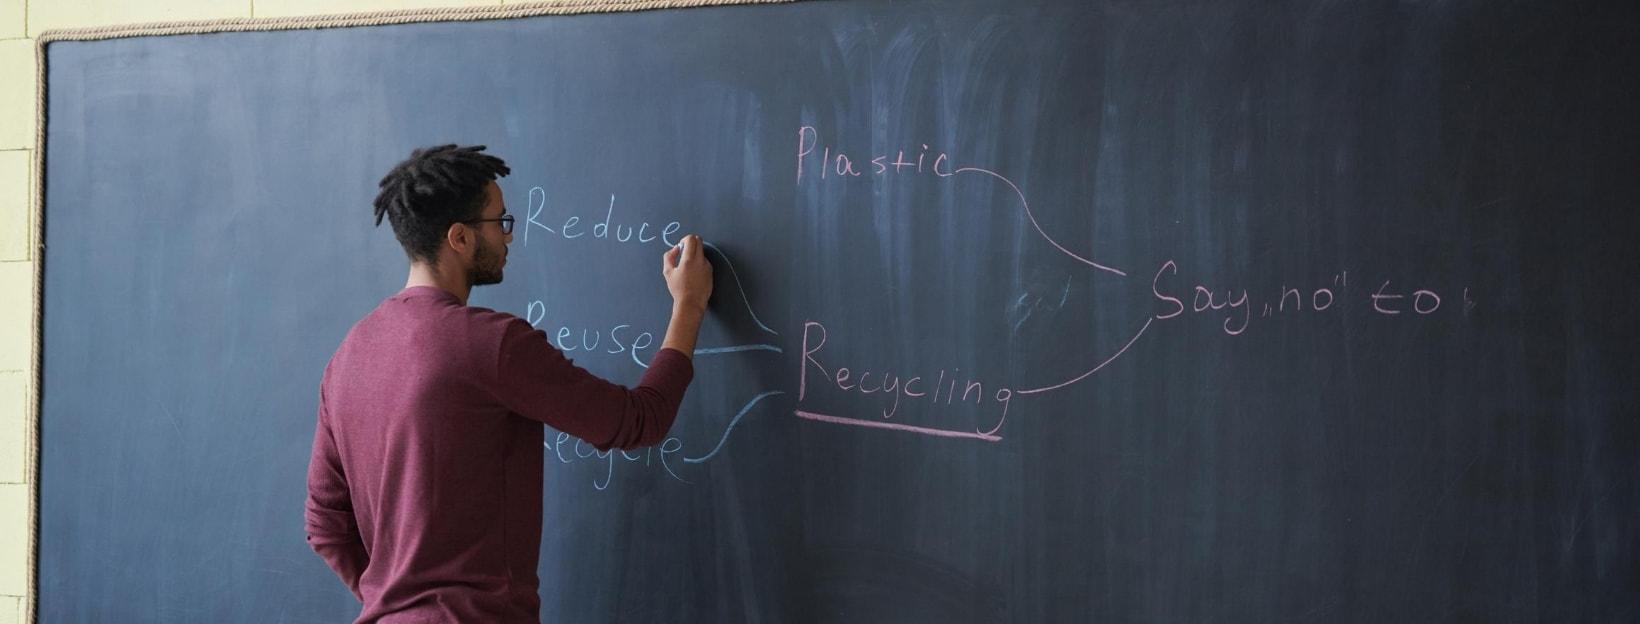 Präsentieren und Vortrag halten: Mann schreibt an Tafel